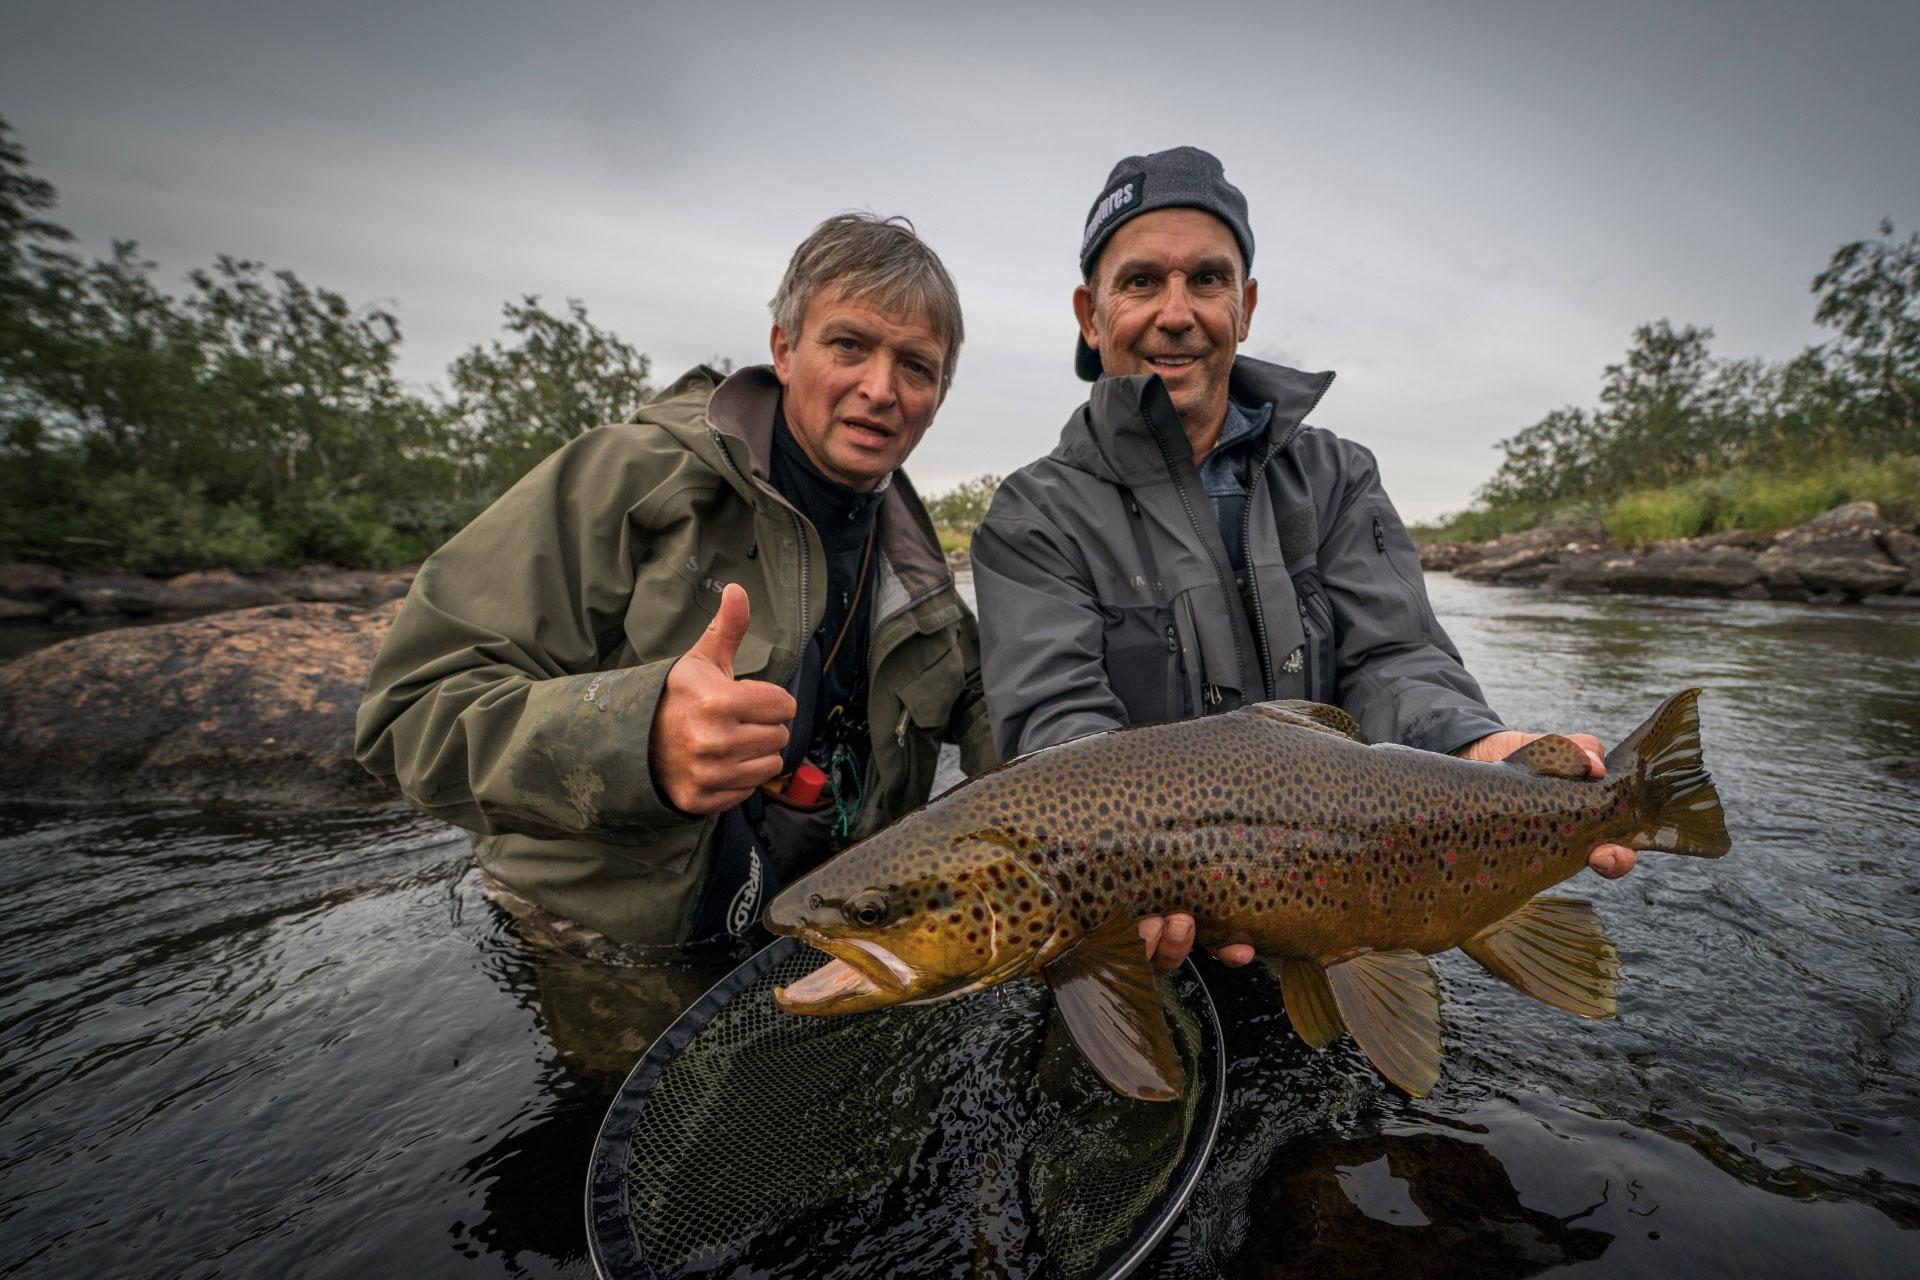 """Der Film """"VIP Brown Trout"""" von Helmut Zaderer wird auf dem Festival gezeigt. Foto: RISE Fly Fishing Film Festival 2019/ Helmut Zaderer"""